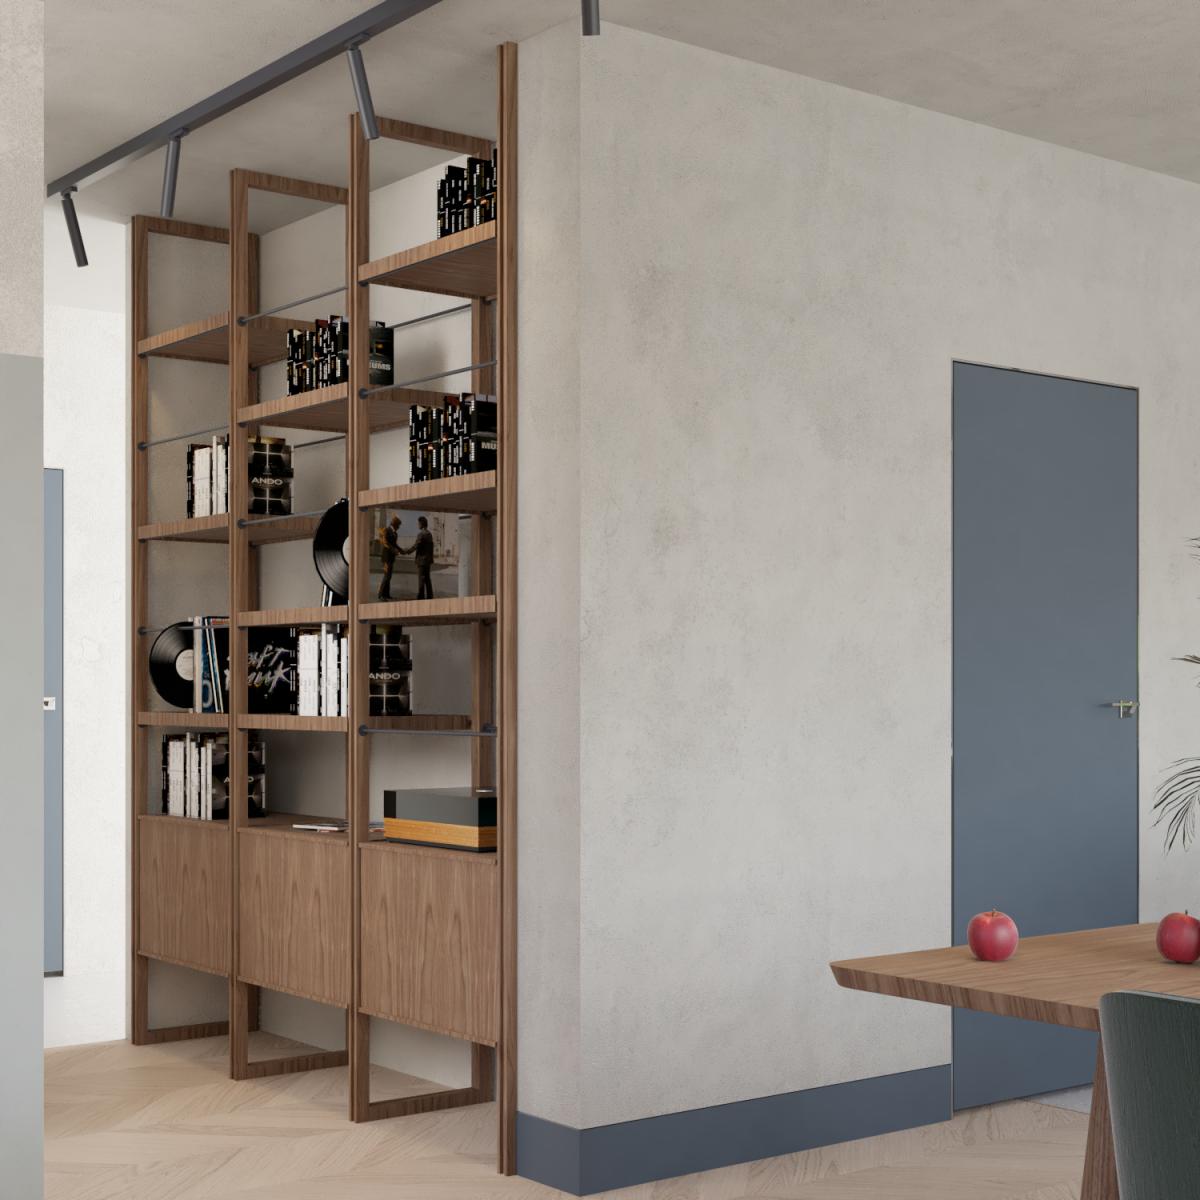 Regał wczęści dziennej wgprojektu architektonicznego domu jednorodzinnego nowoczesnego wPoznaniu